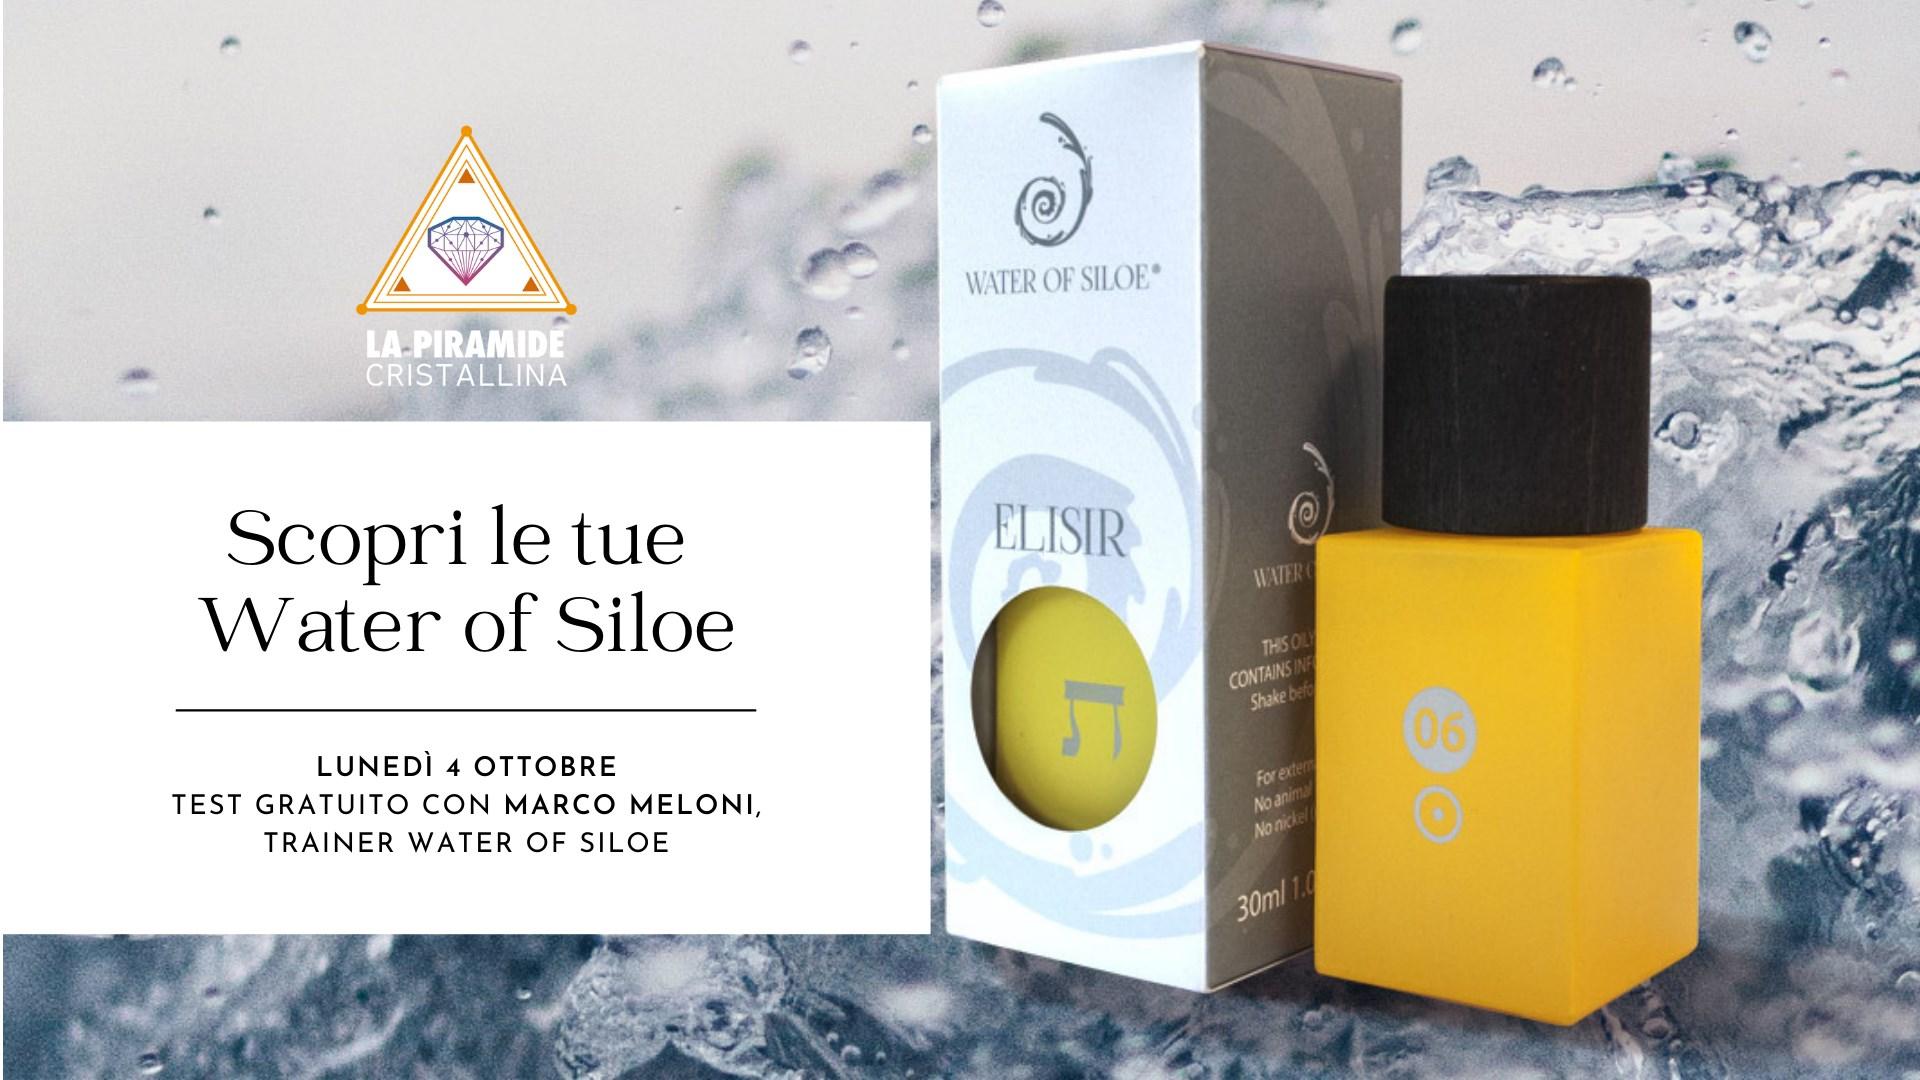 Scopri le tue Water of Siloe: test gratuiti con Marco